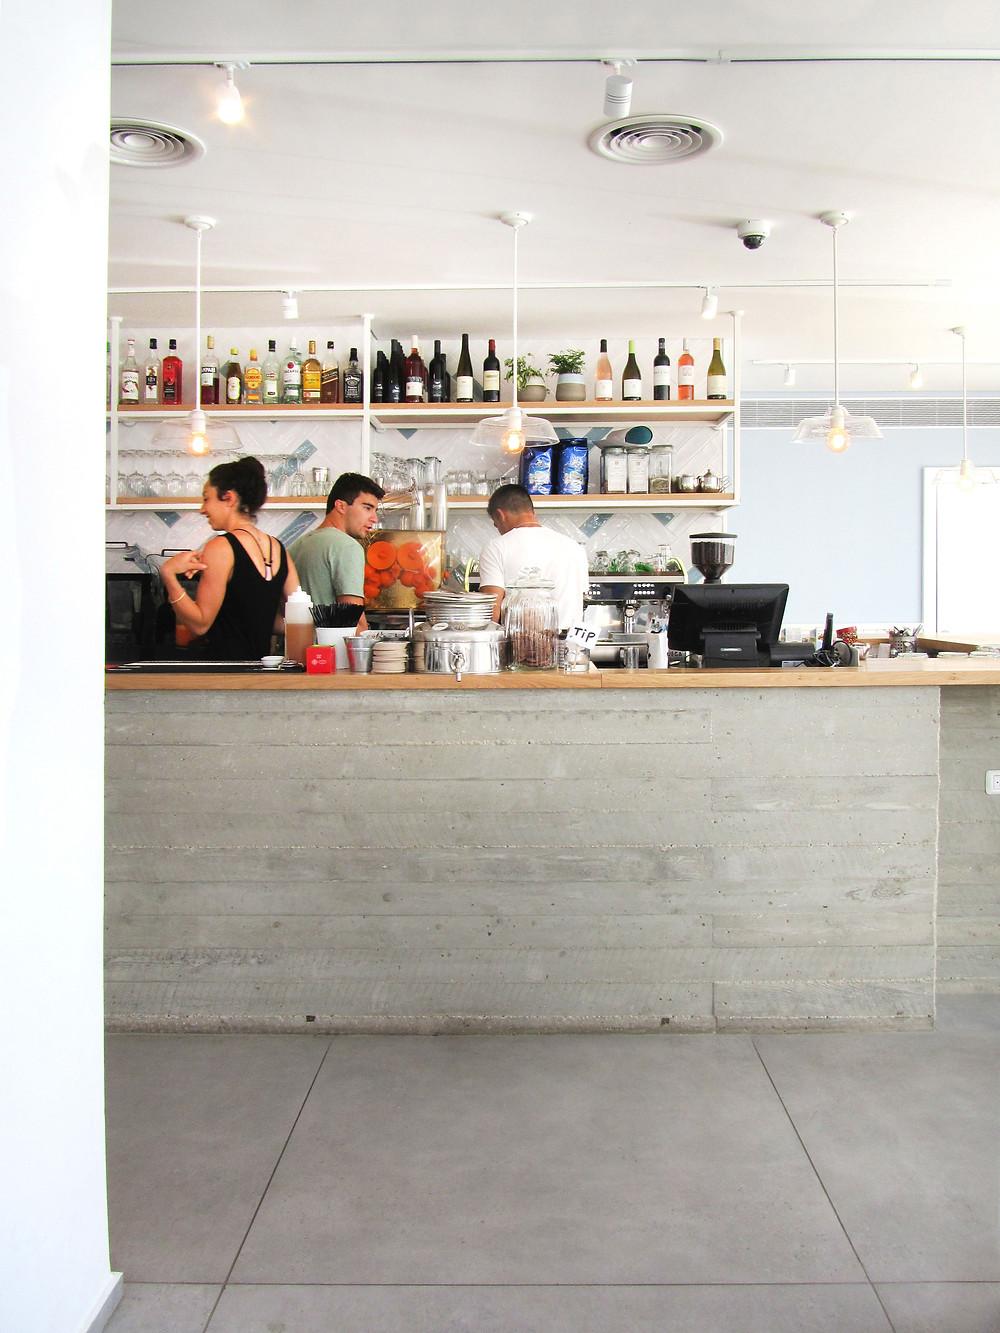 עיצוב פנים מסחרי יענקל'ה בית קפה מסעדה